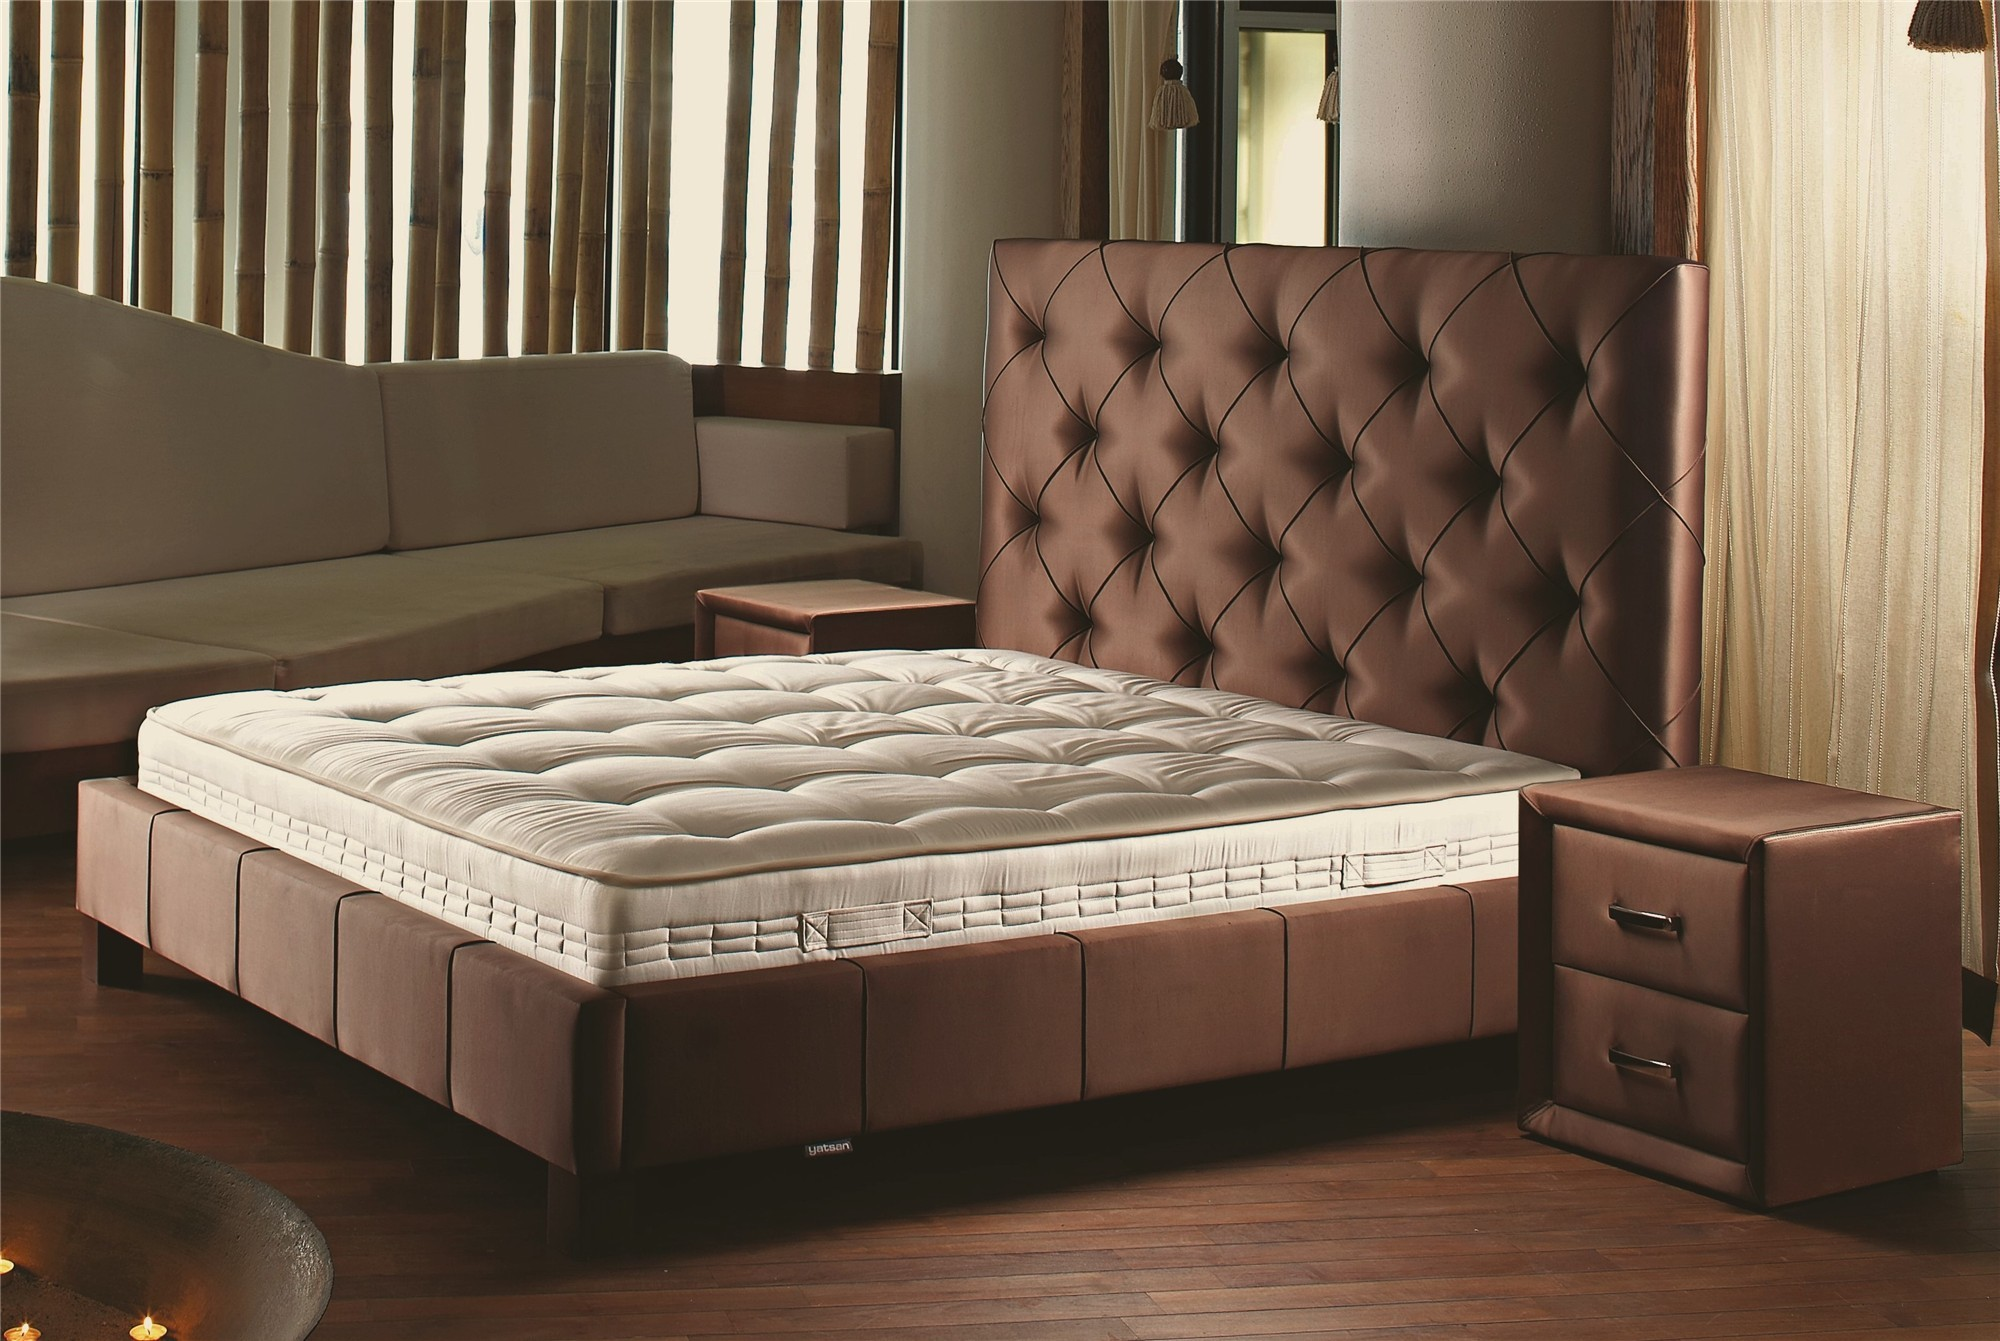 cozy-yatak-alirken-dikkat-edilmesi-gerekenler-20 Yatak Alırken Dikkat Edilmesi Gerekenler